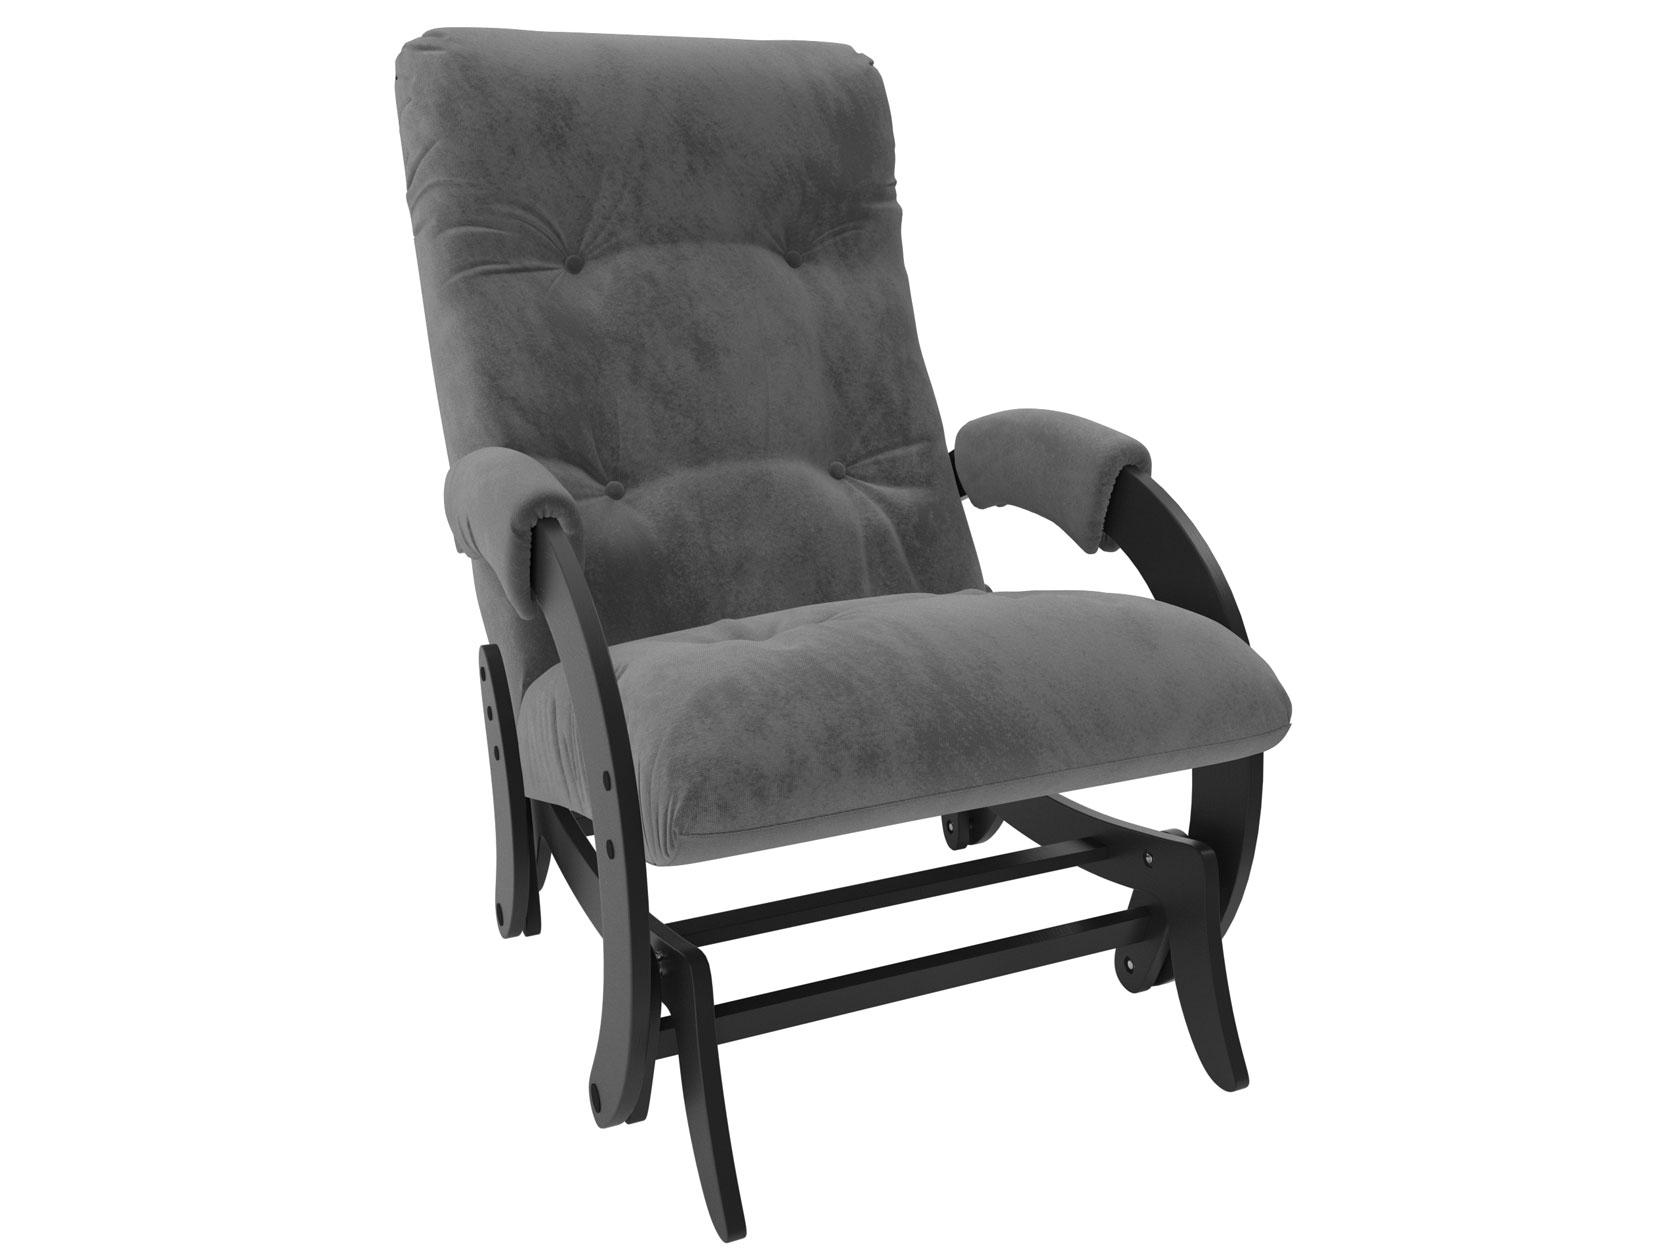 Кресло-глайдер Мебель Импэкс Комфорт Модель 68 венге, Verona Antrazite Grey, велюр